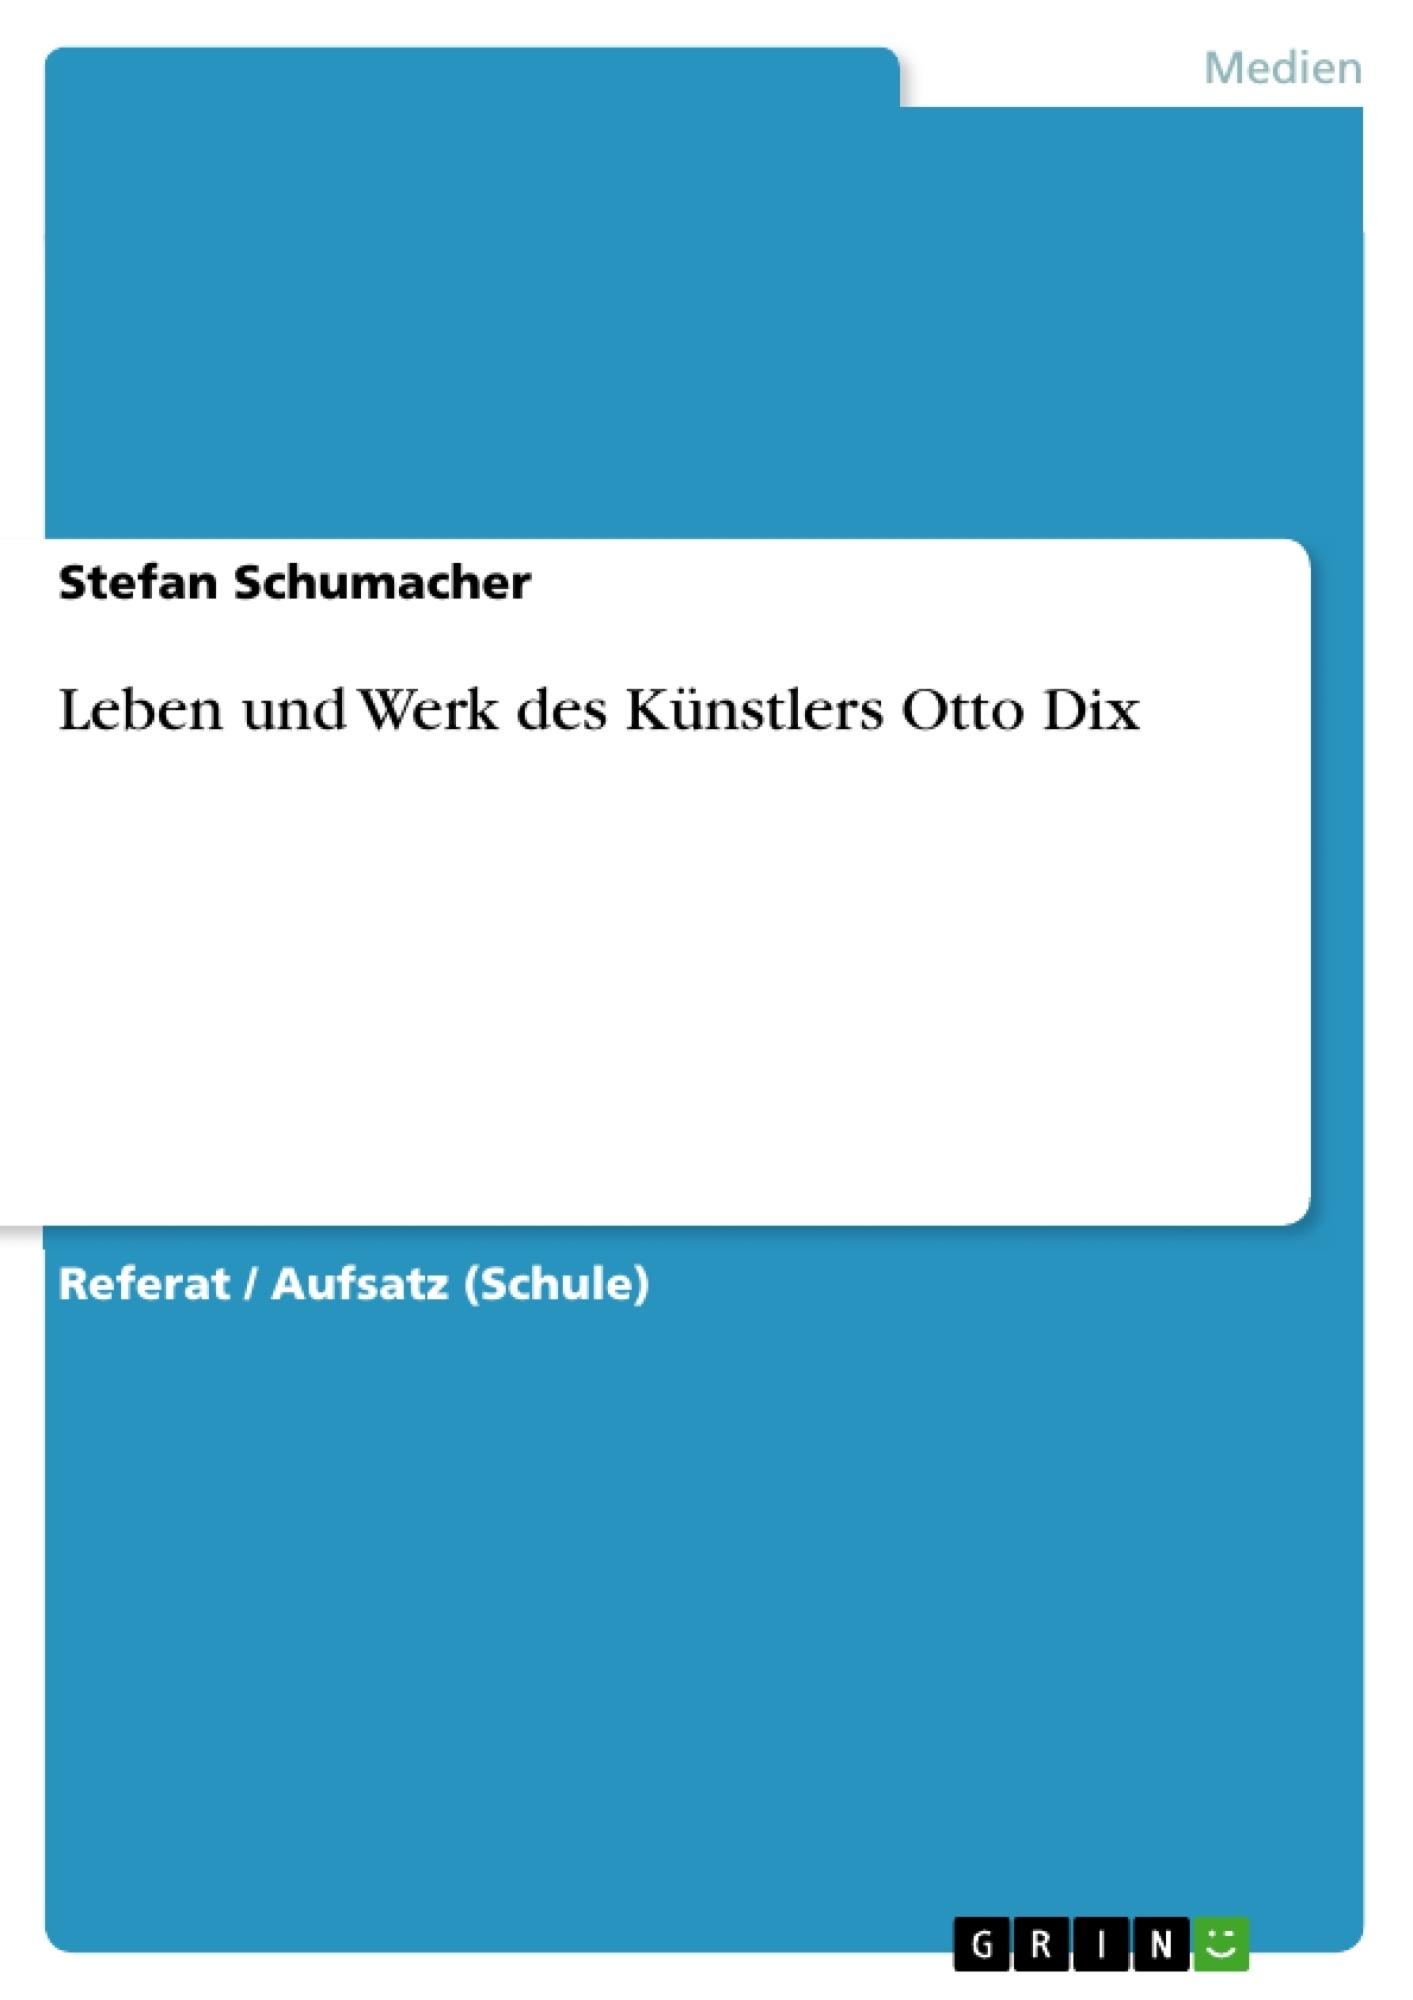 Titel: Leben und Werk des Künstlers Otto Dix